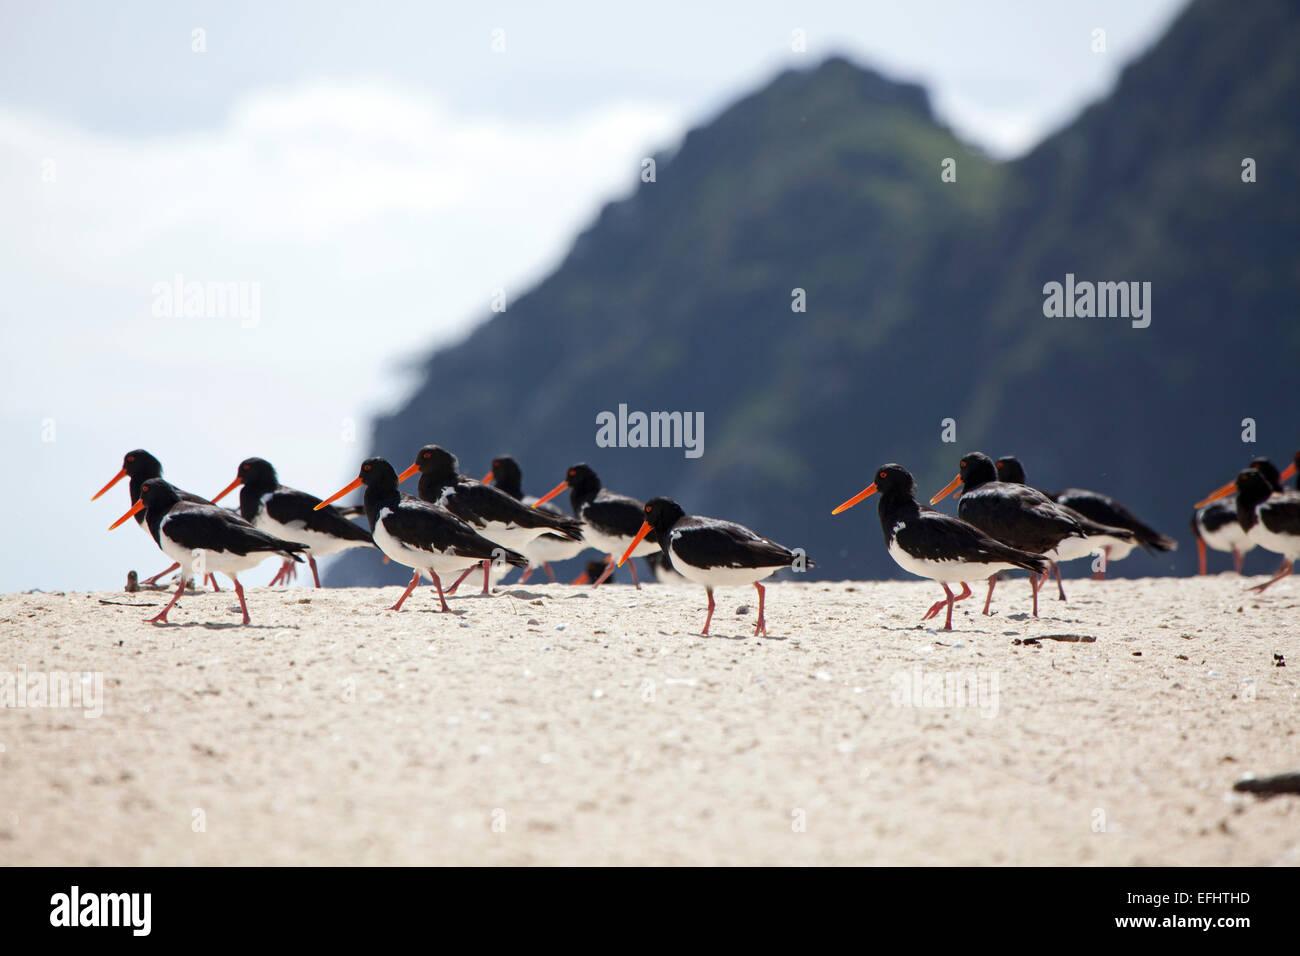 Aves ostrero en la playa con letras rojas, entrada Awaroa, Abel Tasman Coastal Track, grandes paseos, al noroeste Imagen De Stock